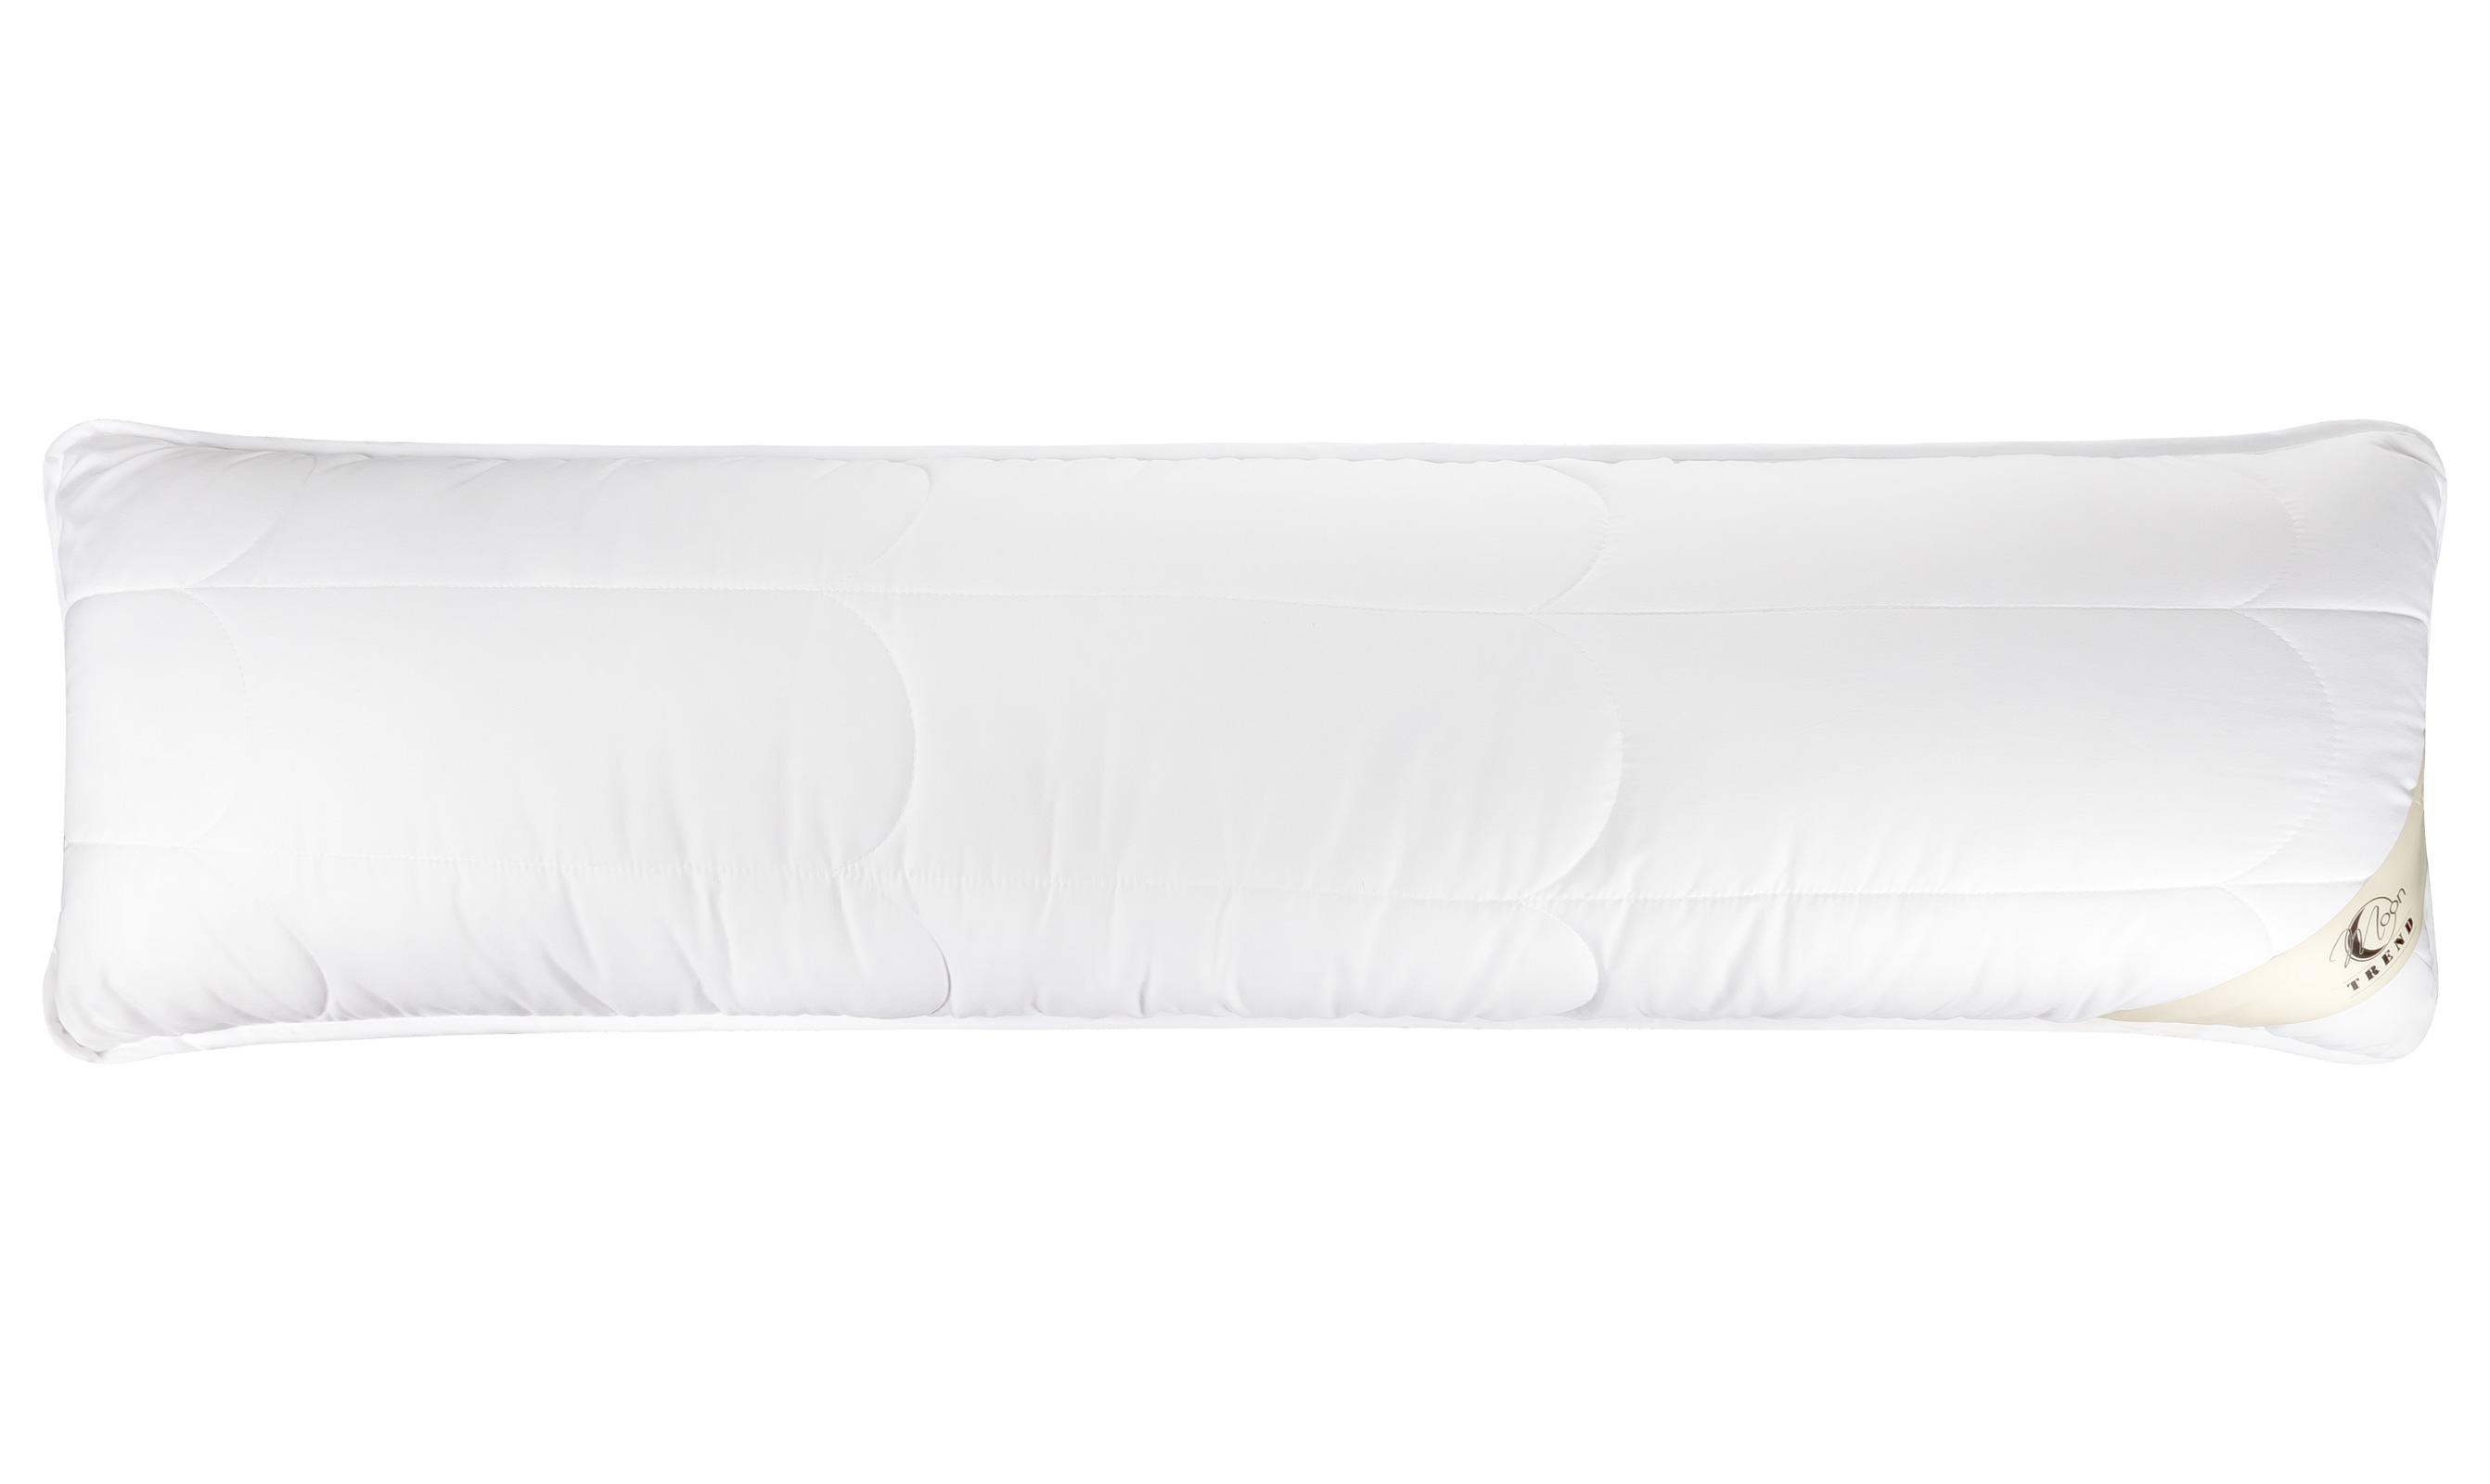 Bettdecken und Kopfkissen - MOON Trend Seitenschläferkissen Stillkissen versteppt super fest mit Reißverschluss 95° waschbar  - Onlineshop PremiumShop321